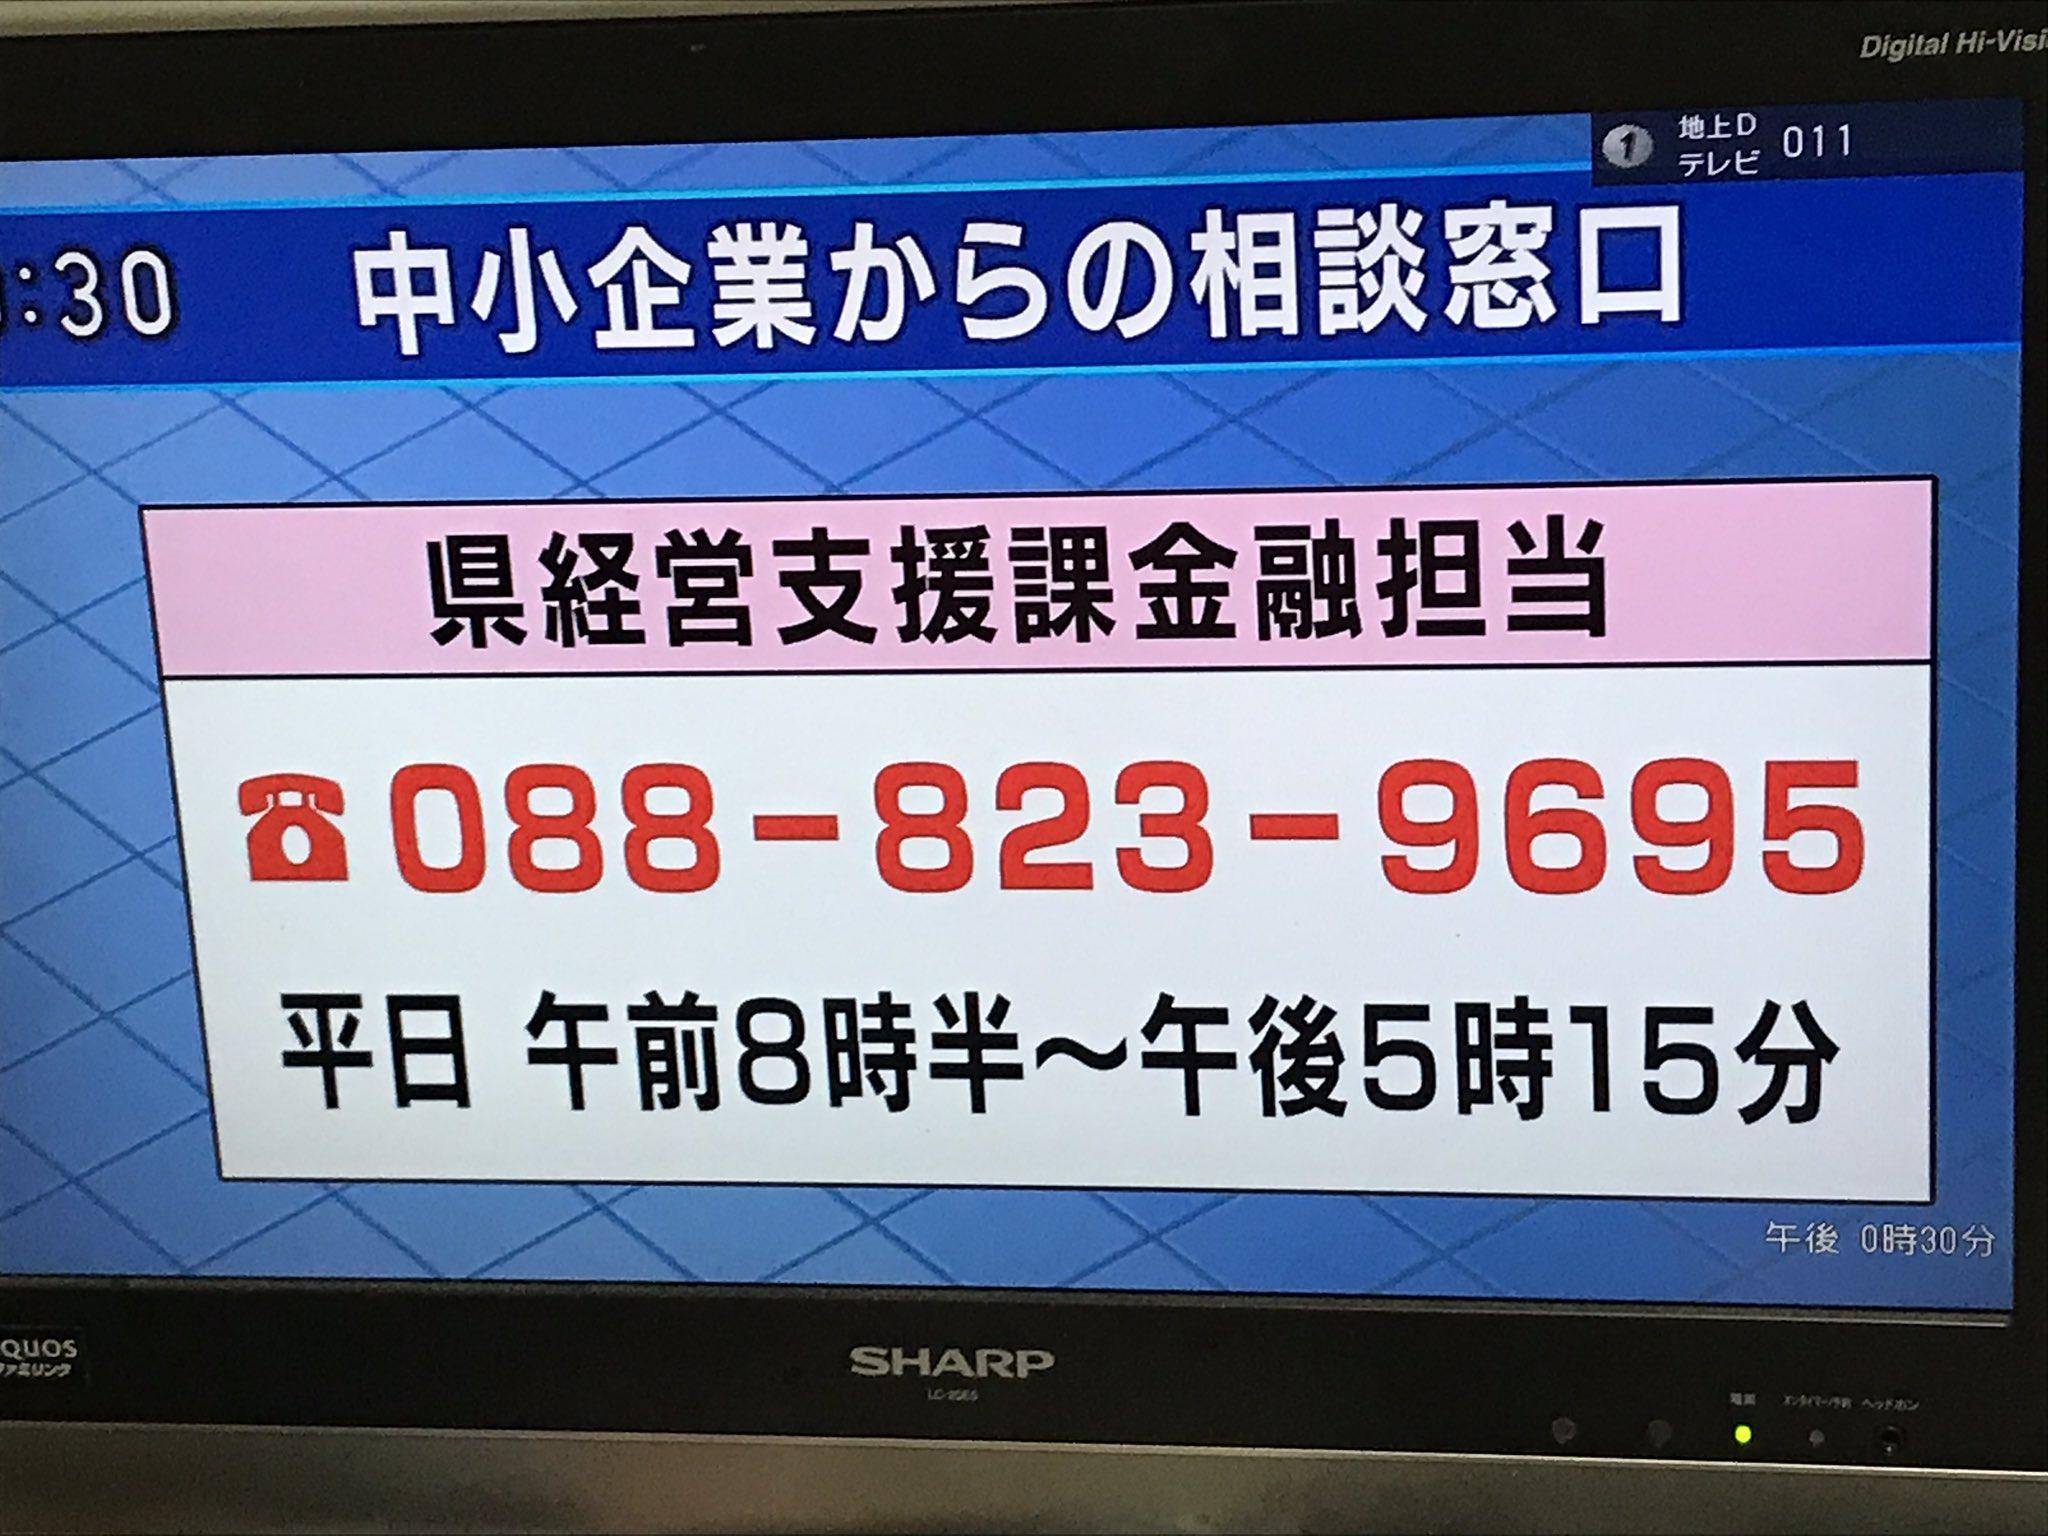 画像,高知県で初の新型コロナウイルス感染者 高知市 30代 女性 看護師ついに高知県にもきましたか、と。一層のこと手洗いうがいの徹底ですな(´°ω°`)#高知県 #高…